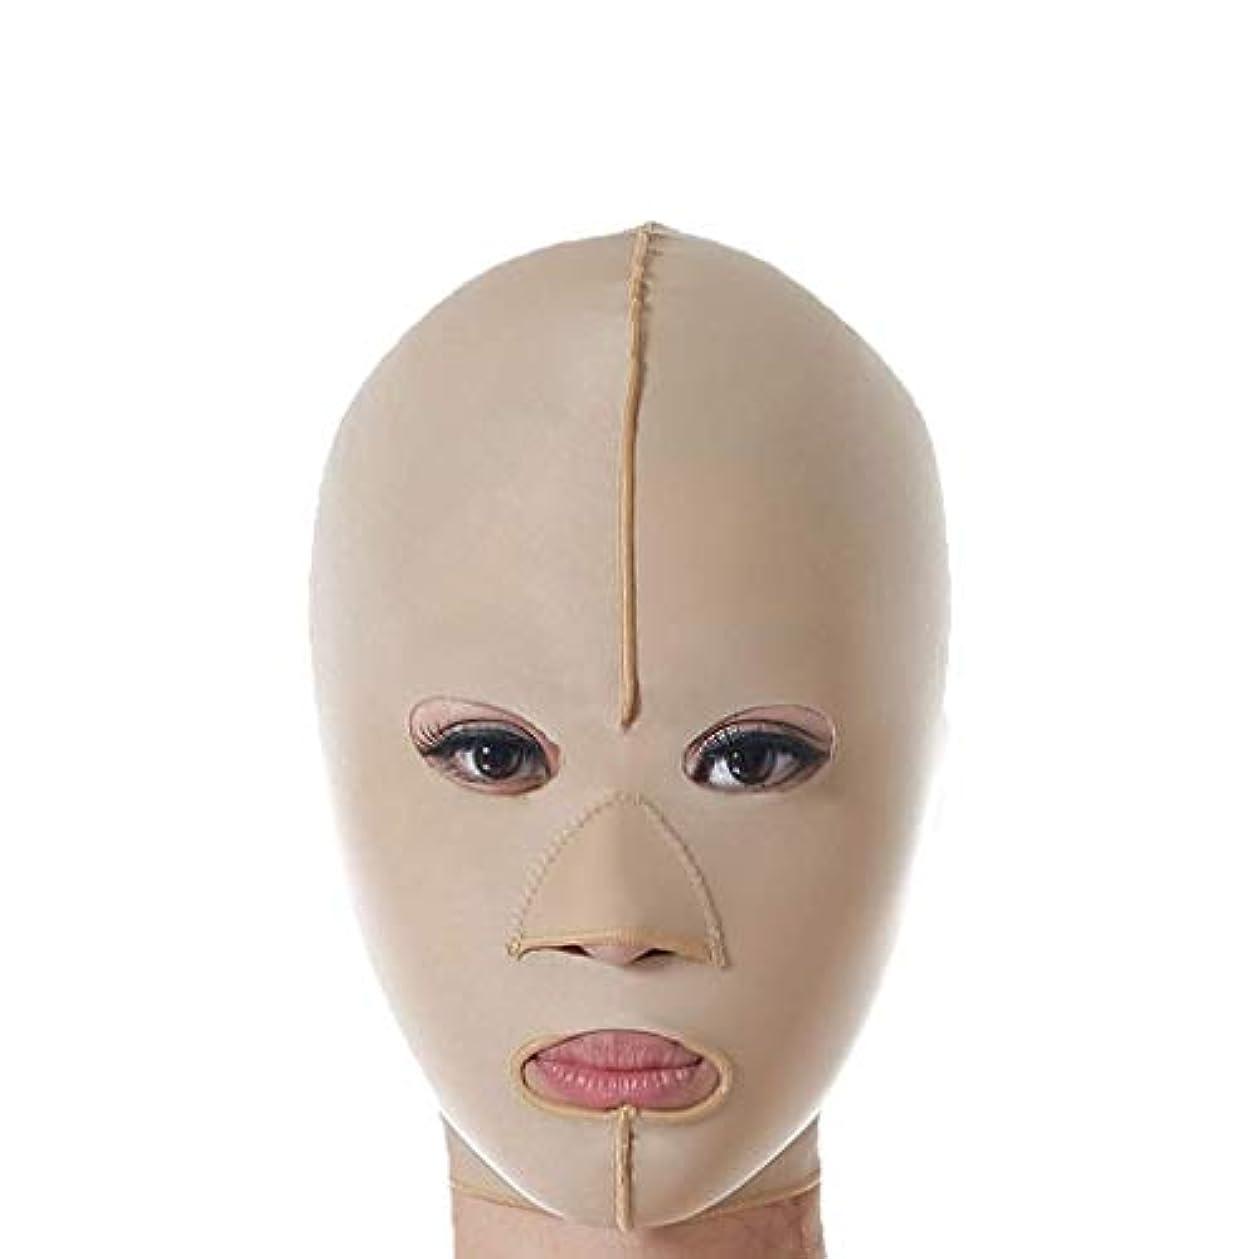 ケニアエレメンタル大破減量フェイスマスク、リフティング包帯、スリムフェイスリフトリフティングベルト、フェイシャル減量リフティング包帯、リフティングファーミング包帯(サイズ:XL),XL